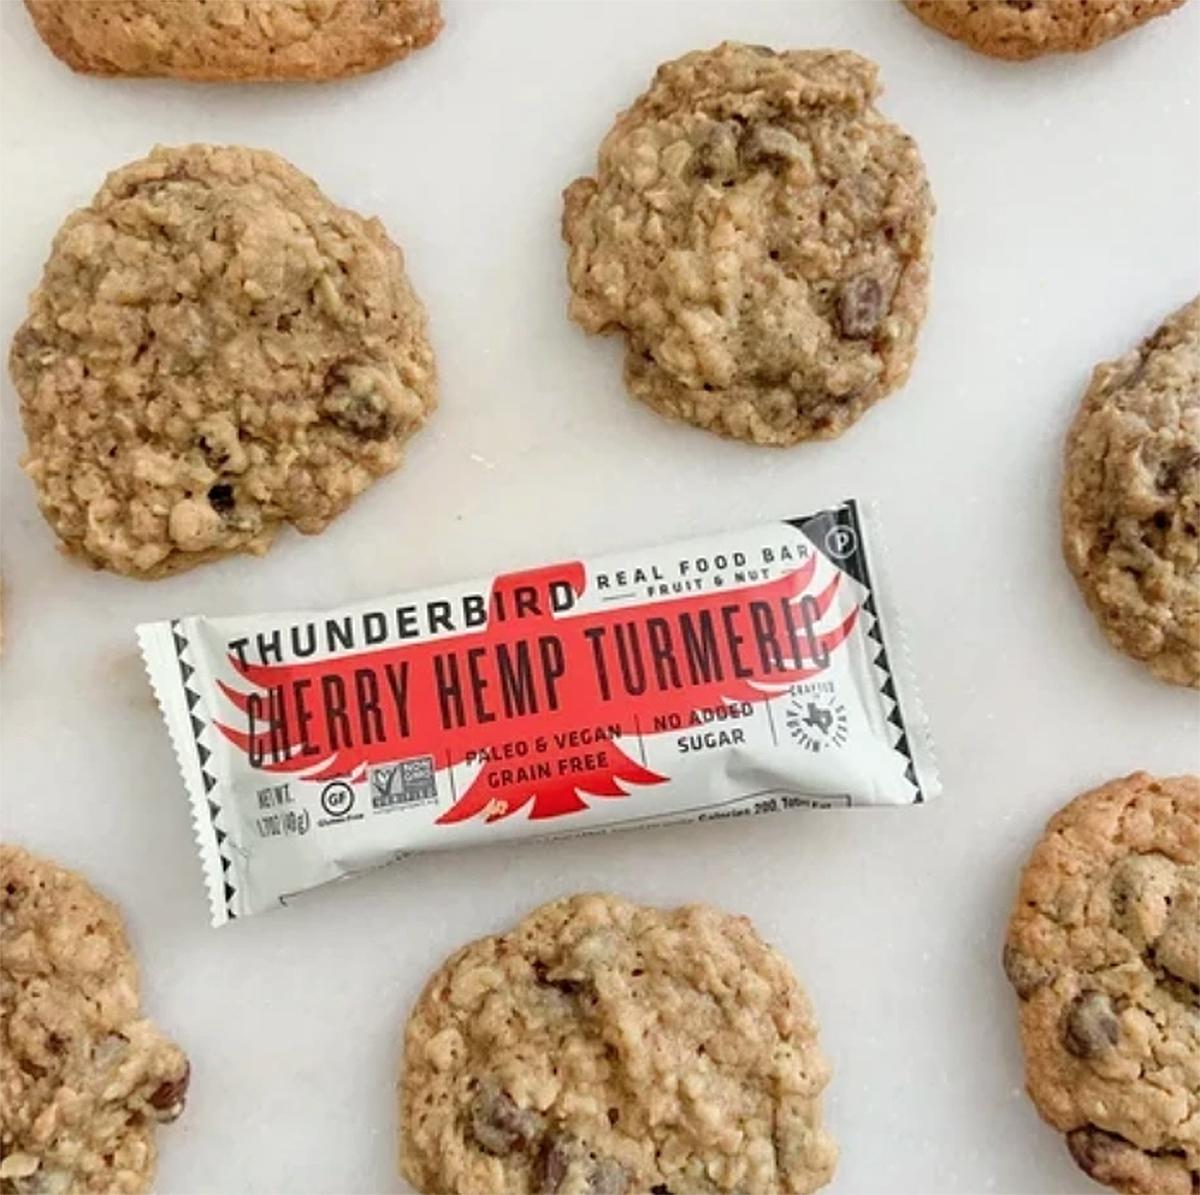 Thunderbird Cookies